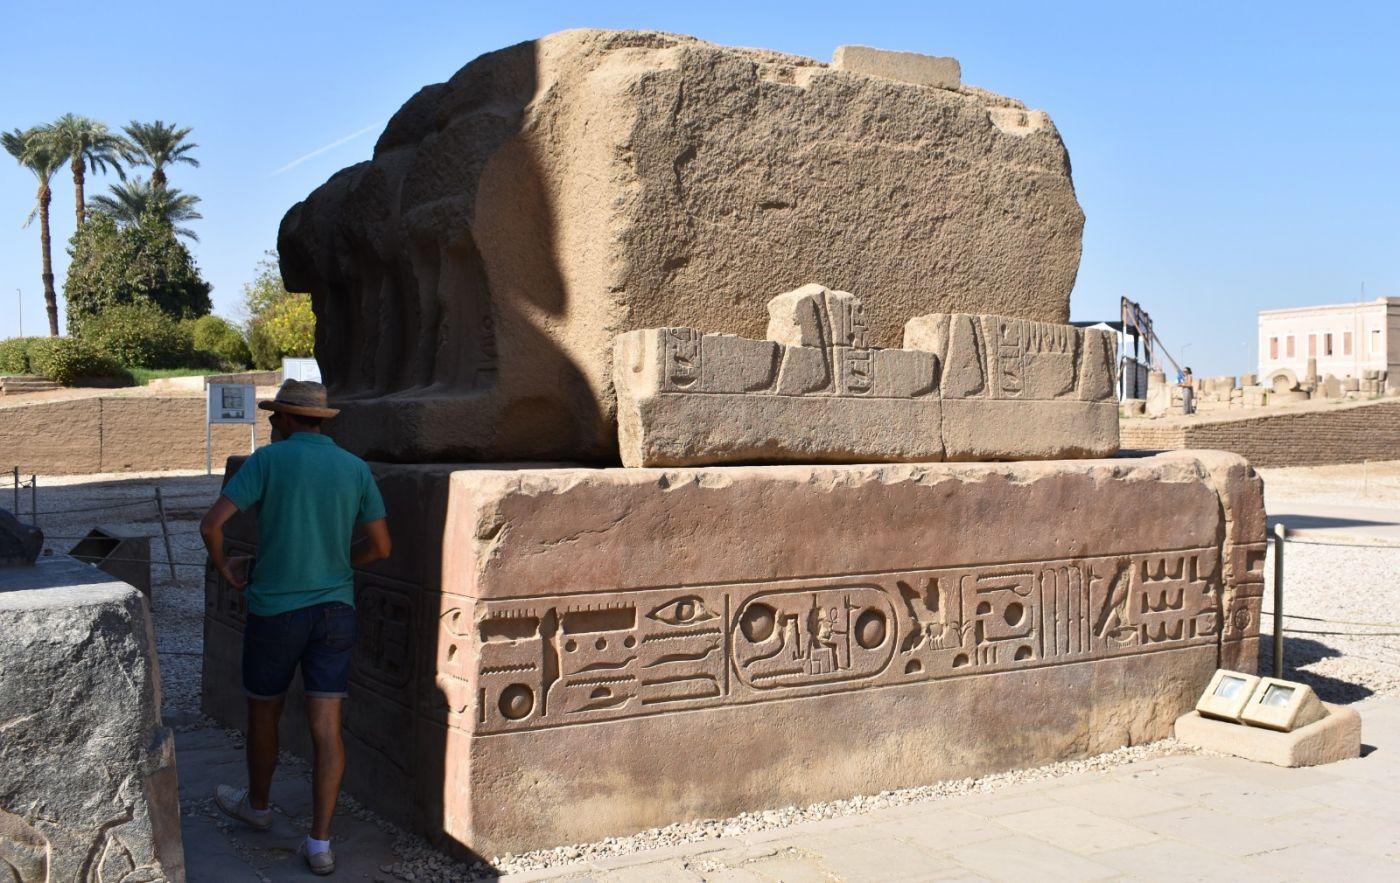 埃德富神庙和卢克索神庙_图1-40